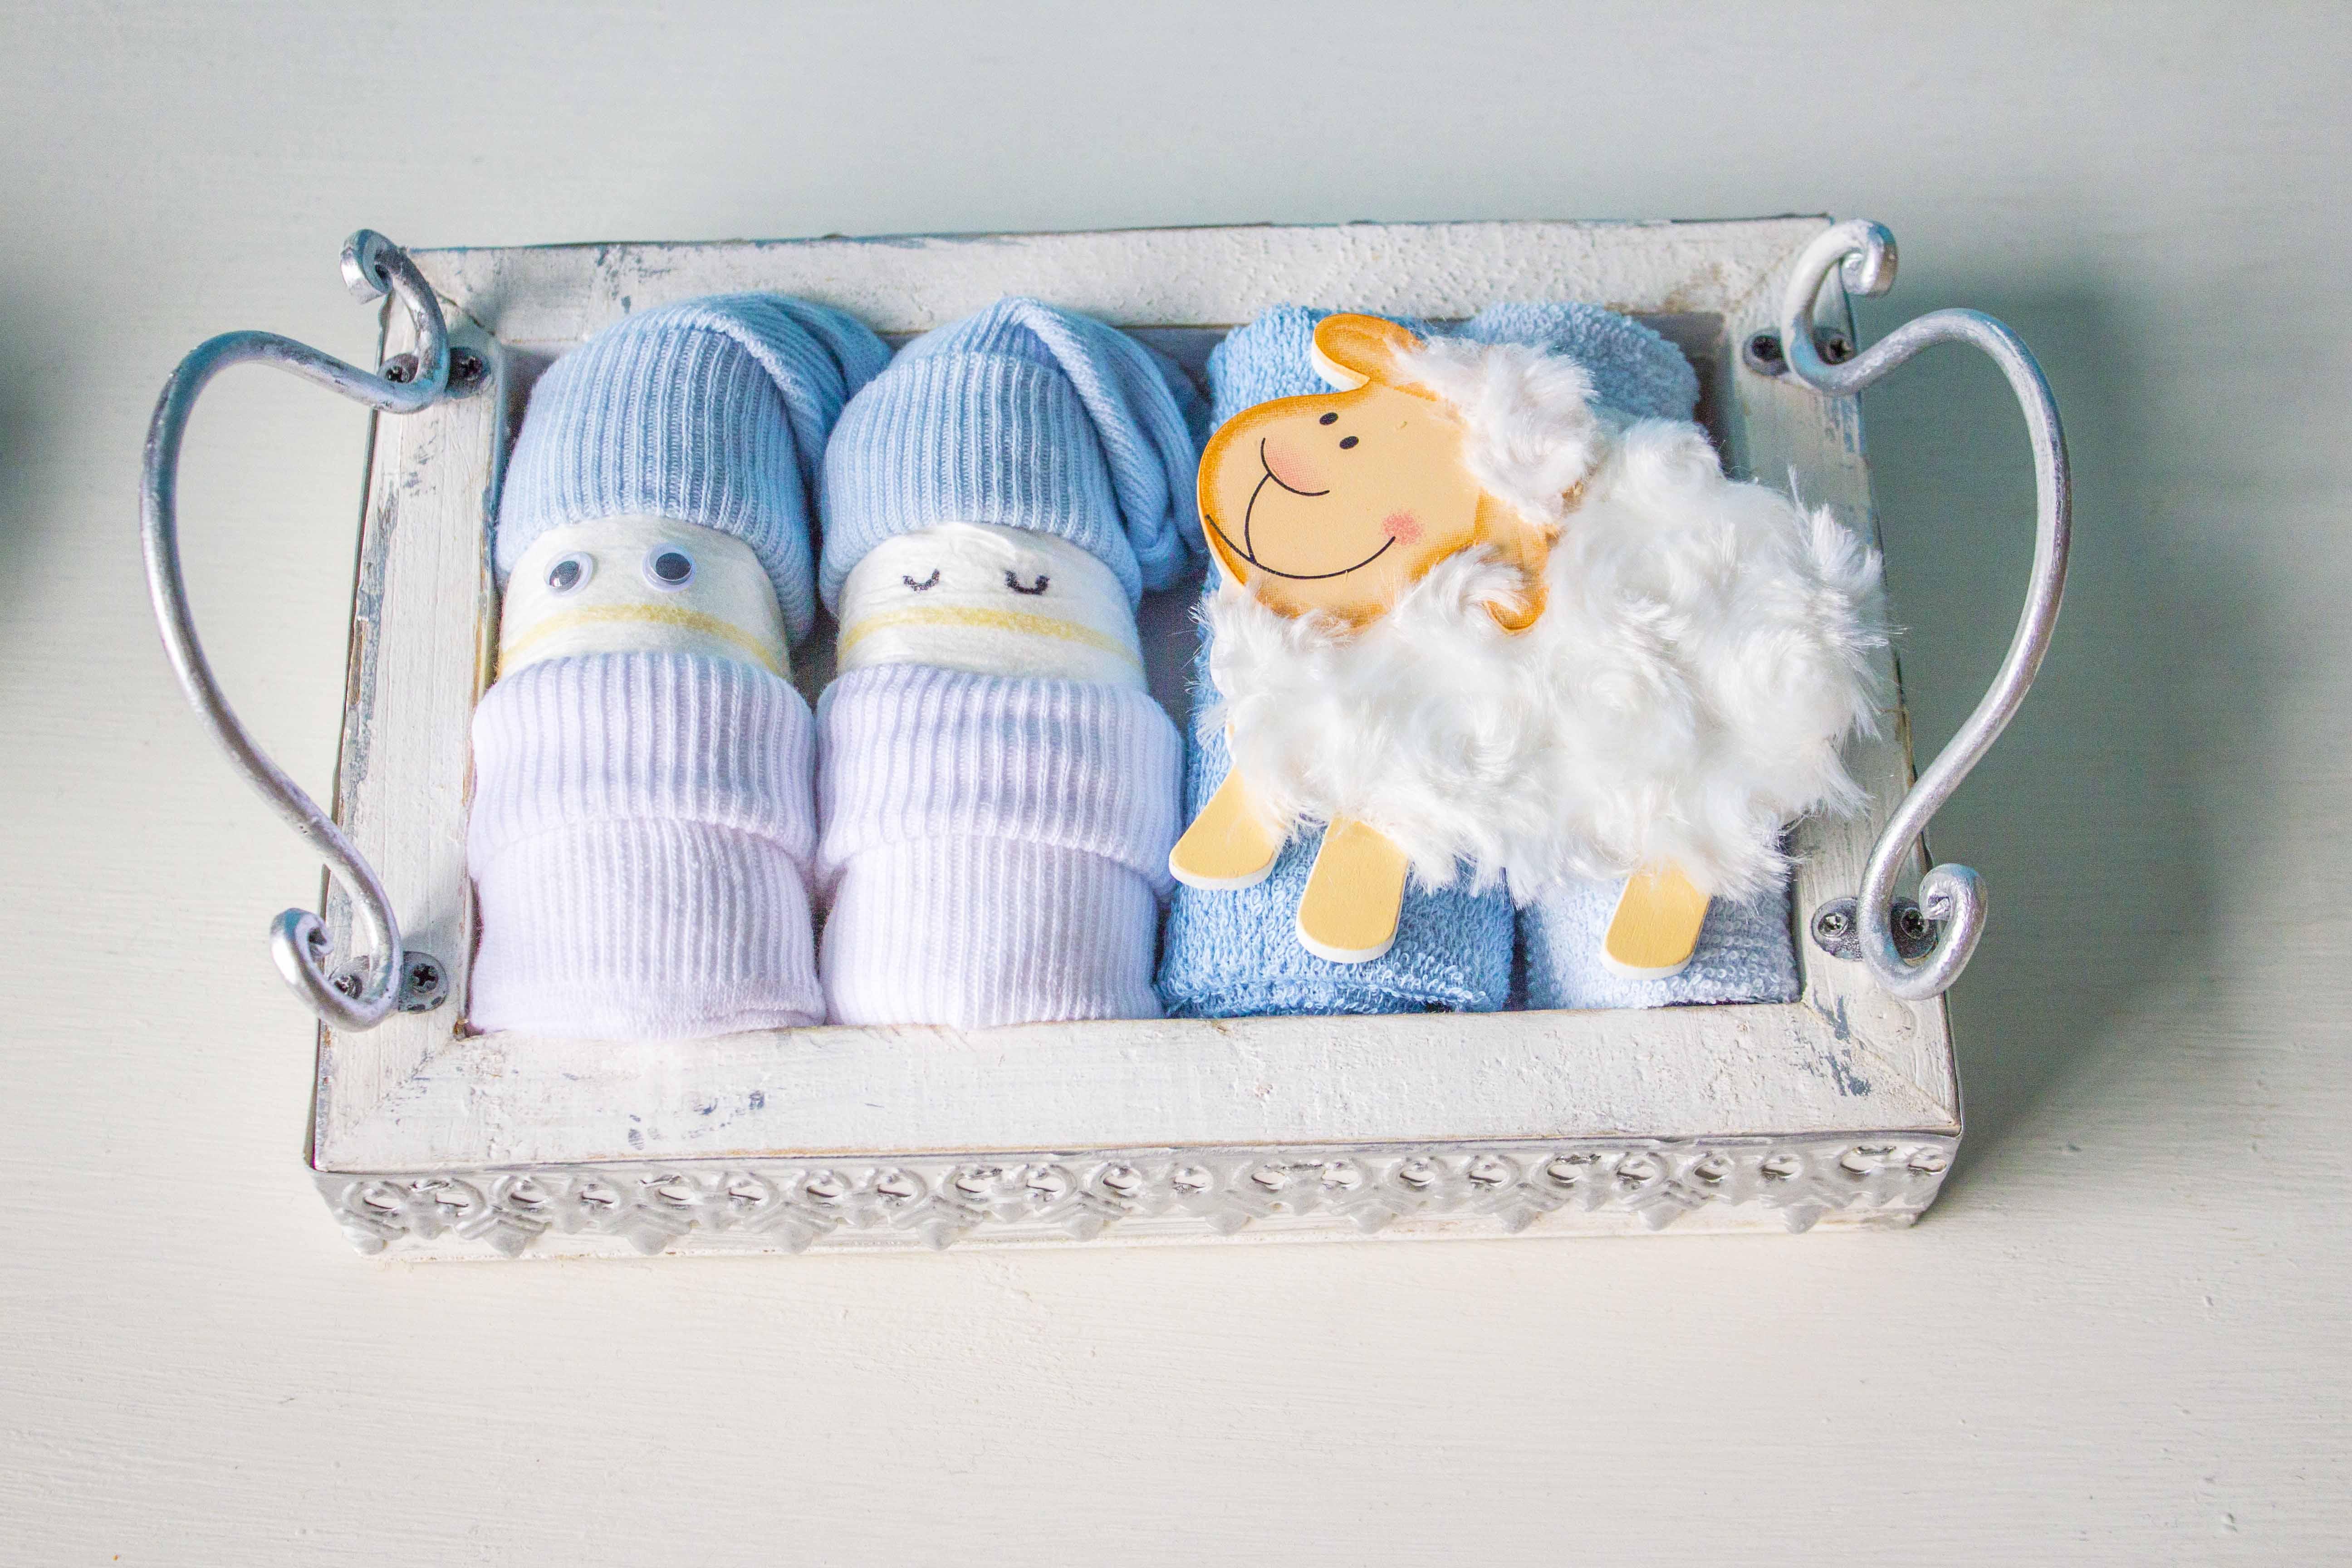 Geliefde Baby Cadeau Zelf Maken #QNN72 - AgnesWaMu @FC78